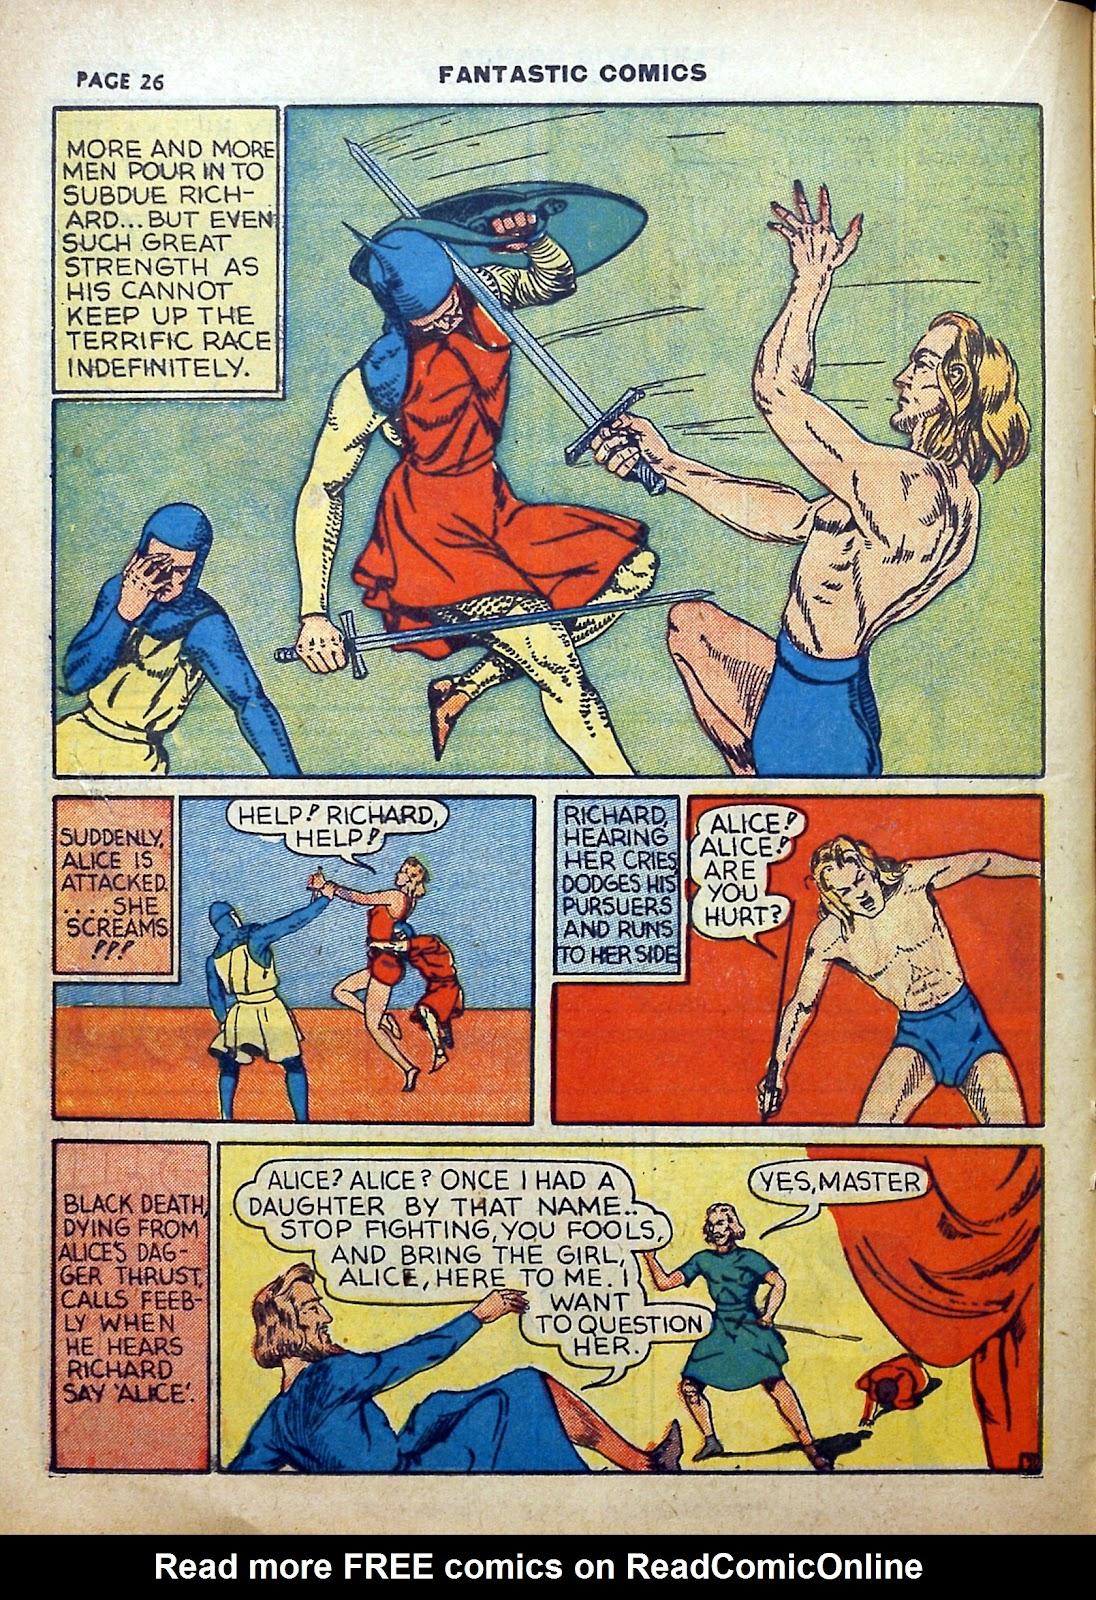 Read online Fantastic Comics comic -  Issue #5 - 27